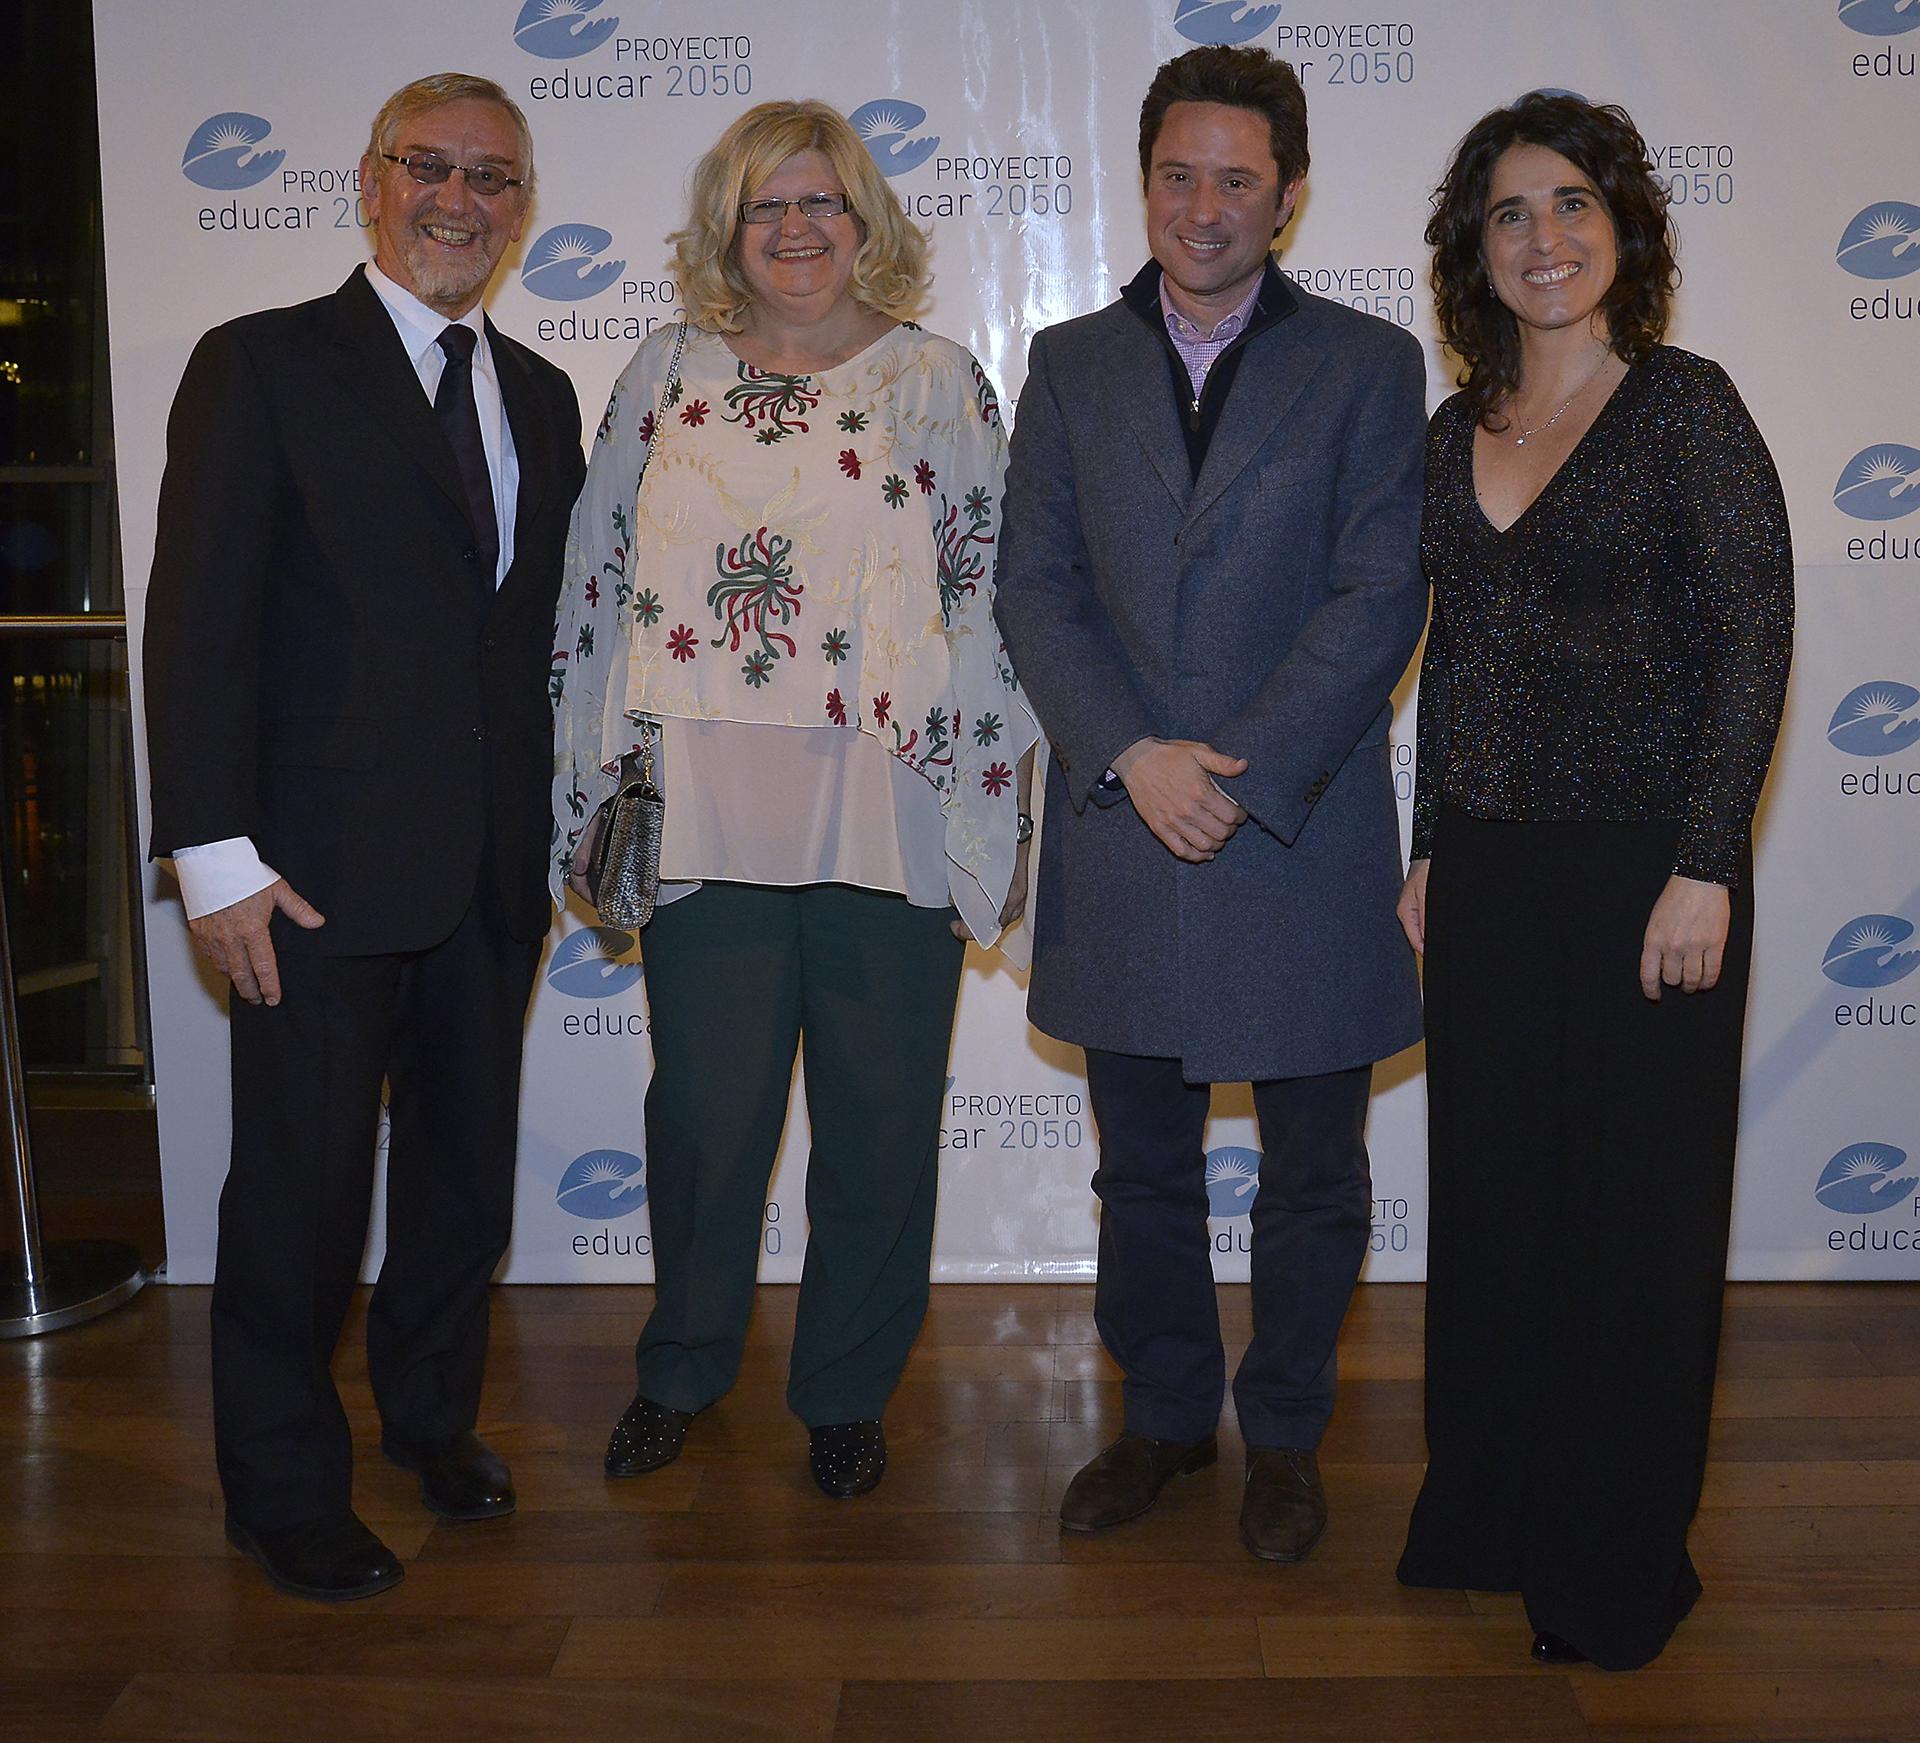 Álvarez Trongé, Claudia Balagué, ministra de Educación de Santa Fe, Gabriel Sánchez Zinny, ministro de la provincia de Buenos Aires, y Ruiz Morosini